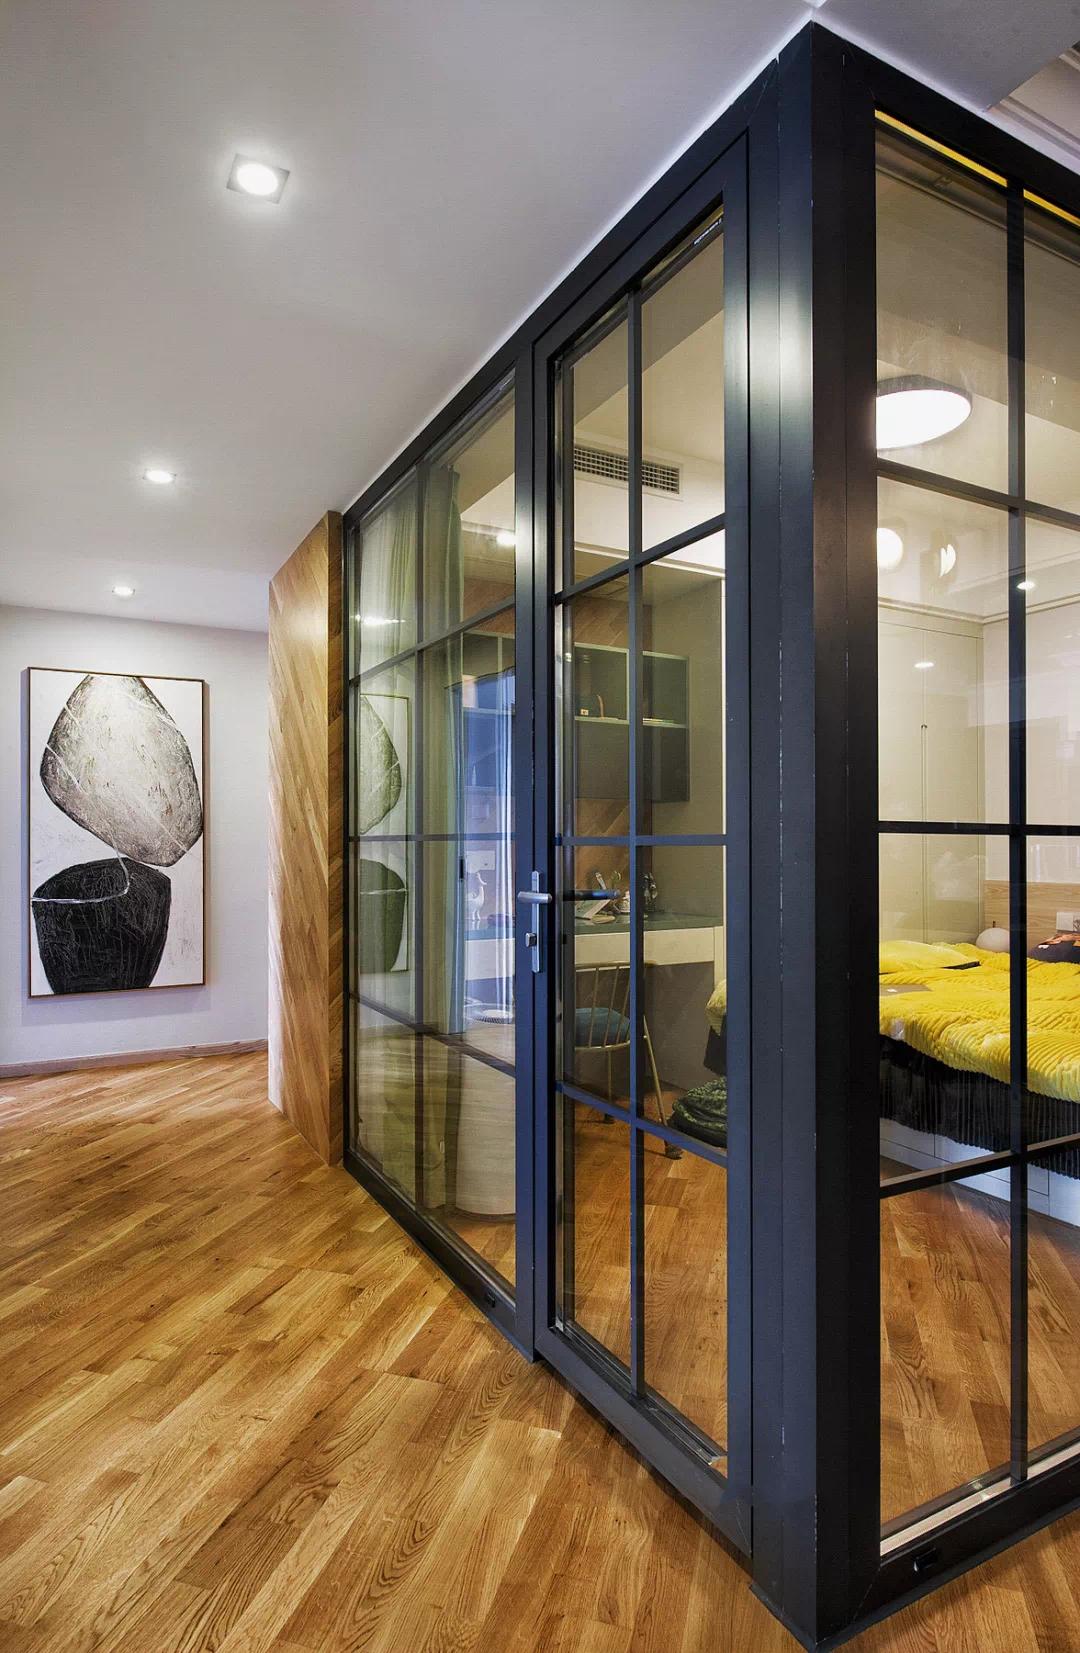 渐变色、玻璃房,这套150m²现代轻奢风的细节精致到了骨子里 现代轻奢 第5张